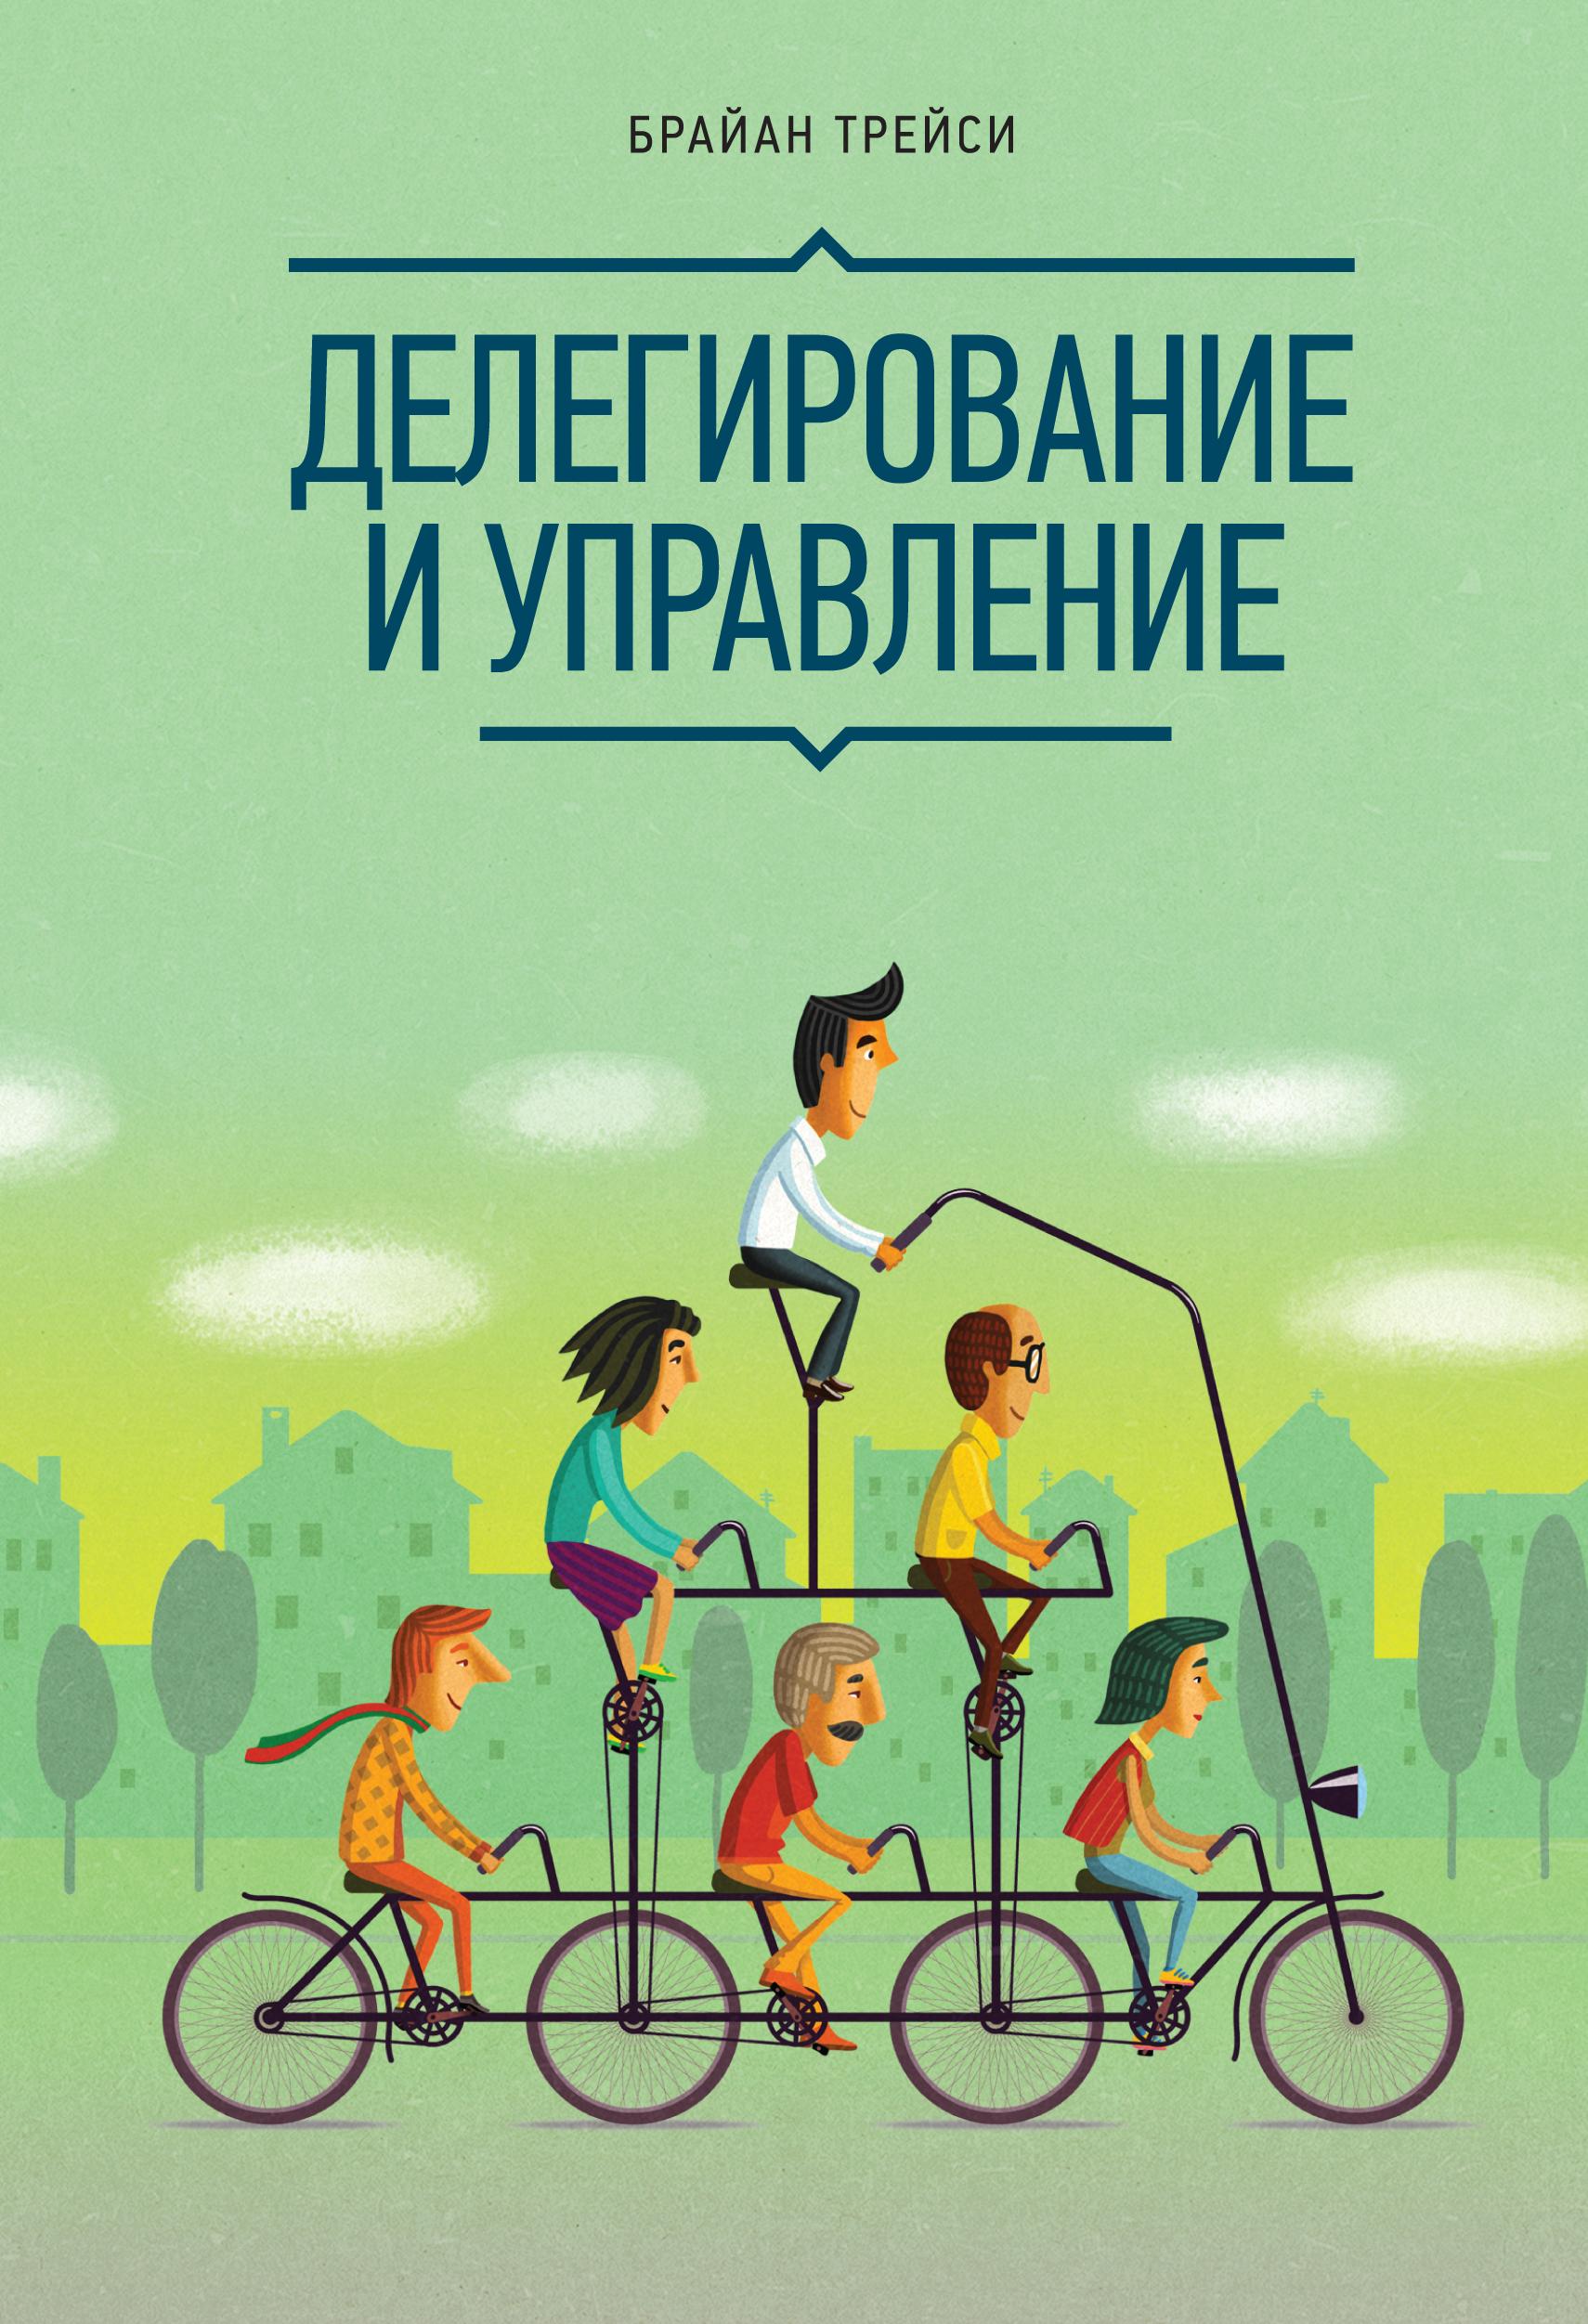 Делегирование и управление от book24.ru